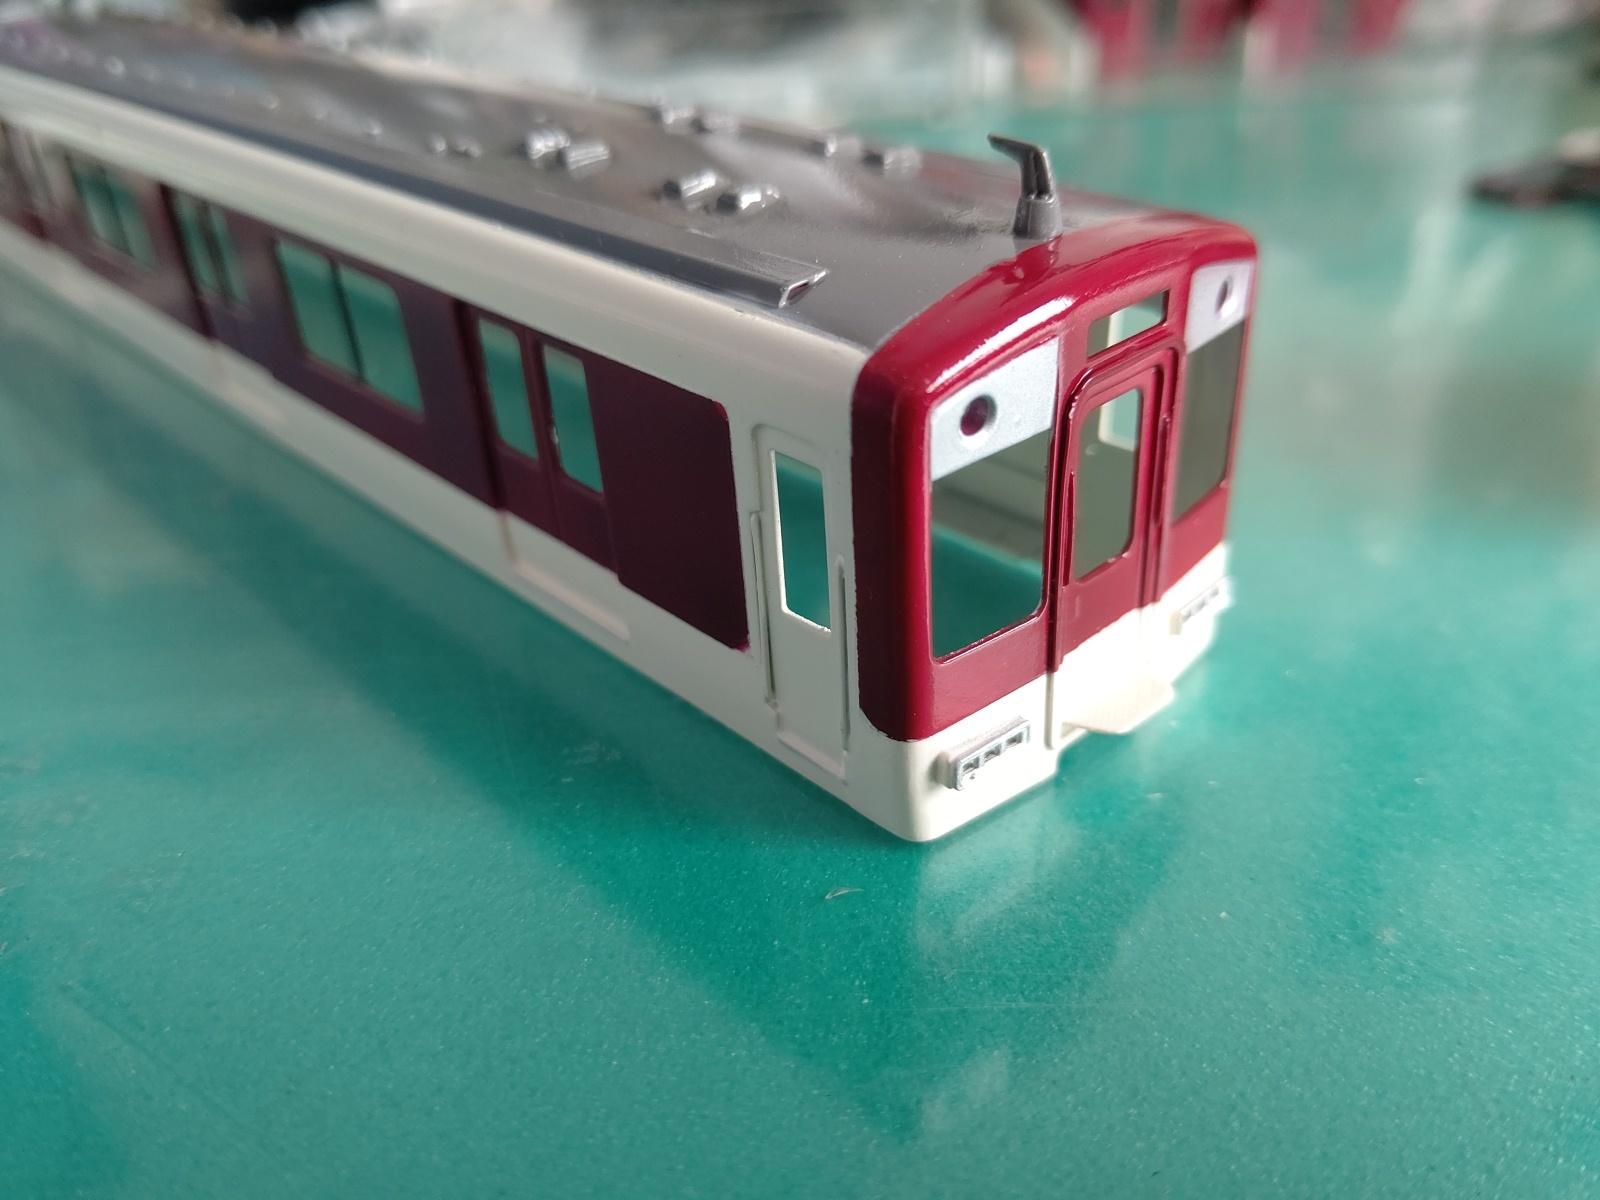 JNMA2020について 近鉄1026やり直し - 大阪亀屋へようこそ